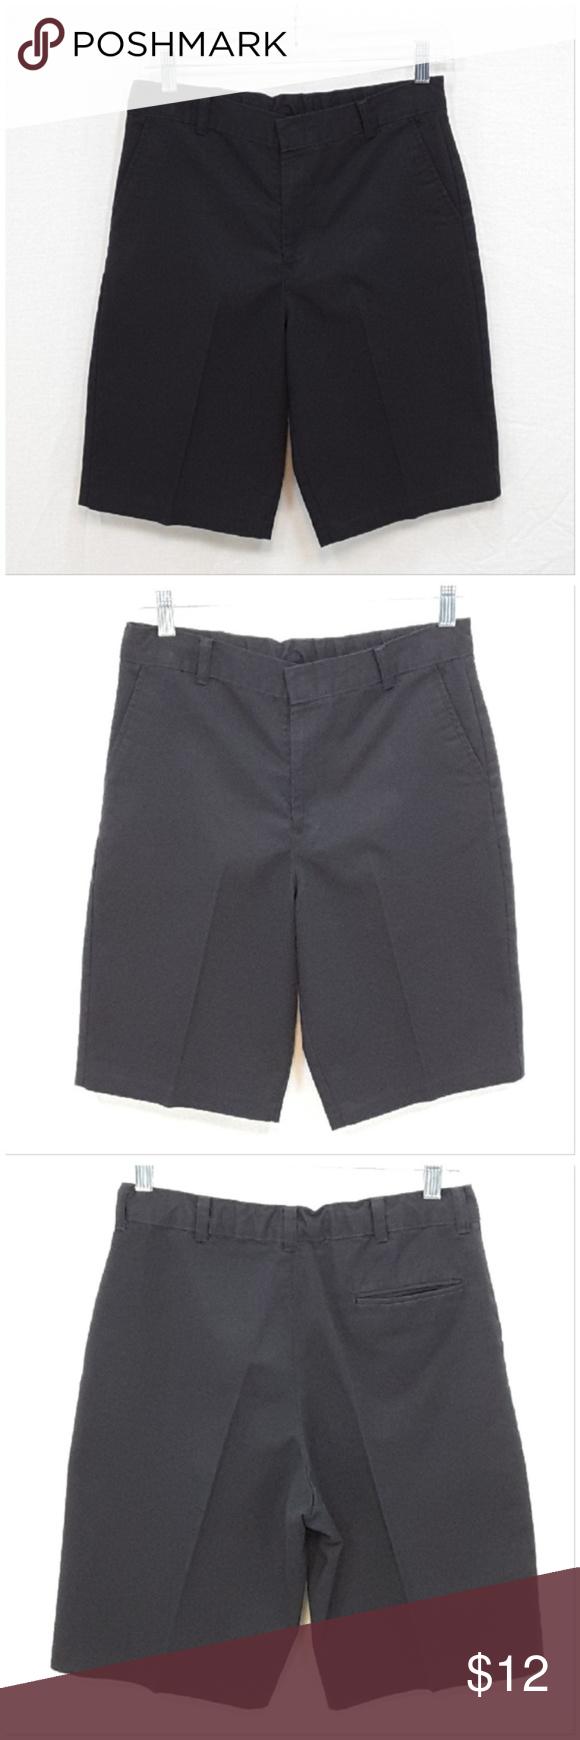 Boys Black Dress Shorts Size 16 L Xl Short Dresses Black Short Dress Dresses [ 1740 x 580 Pixel ]